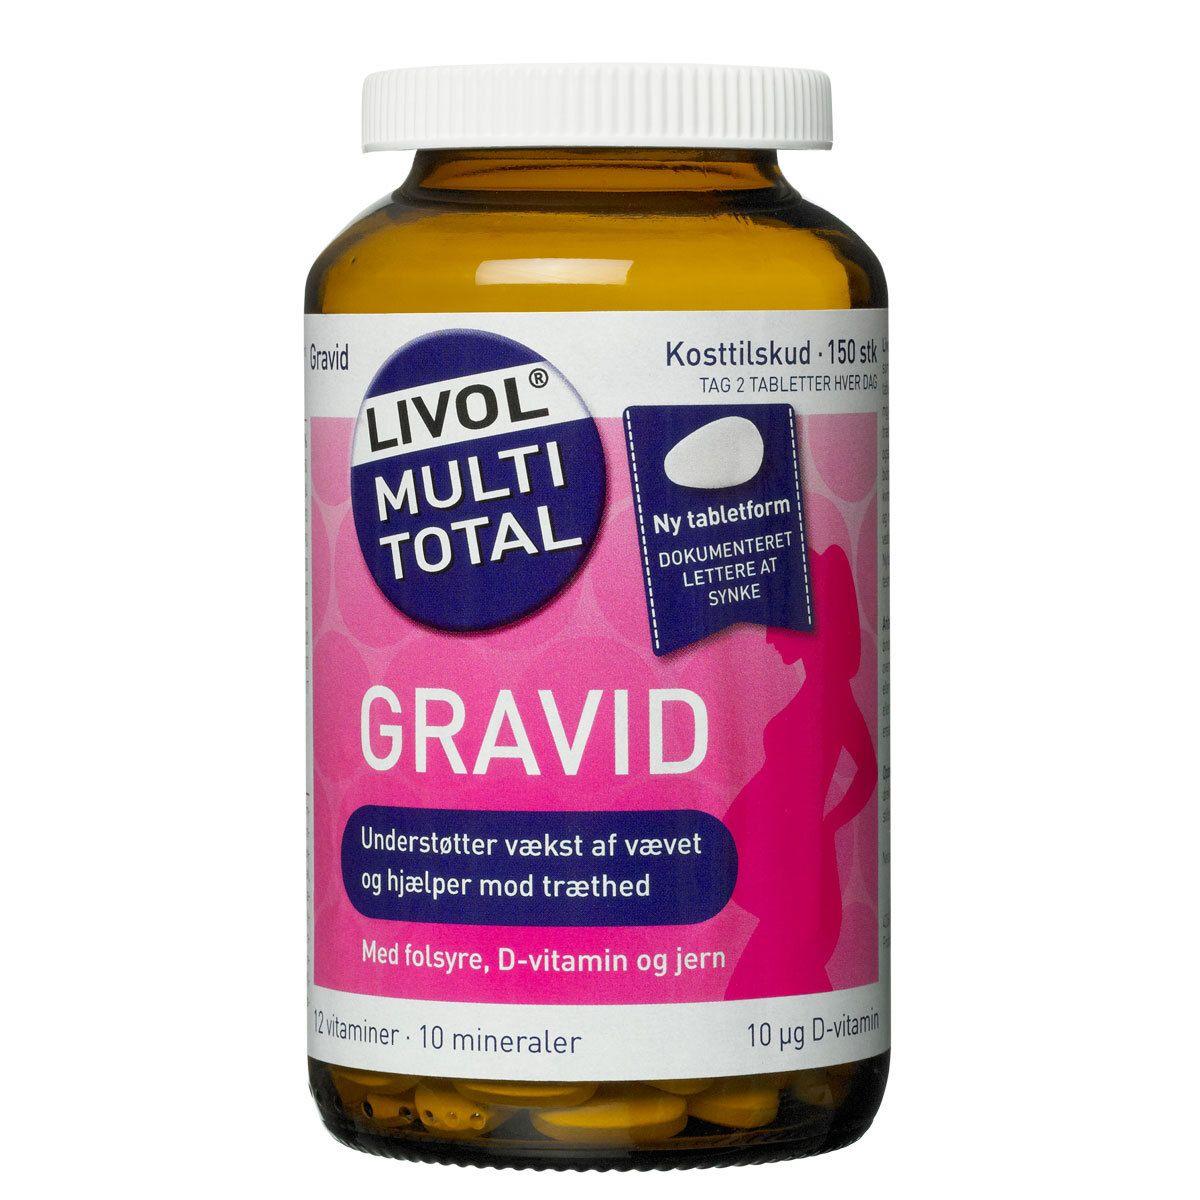 äta d vitamin gravid